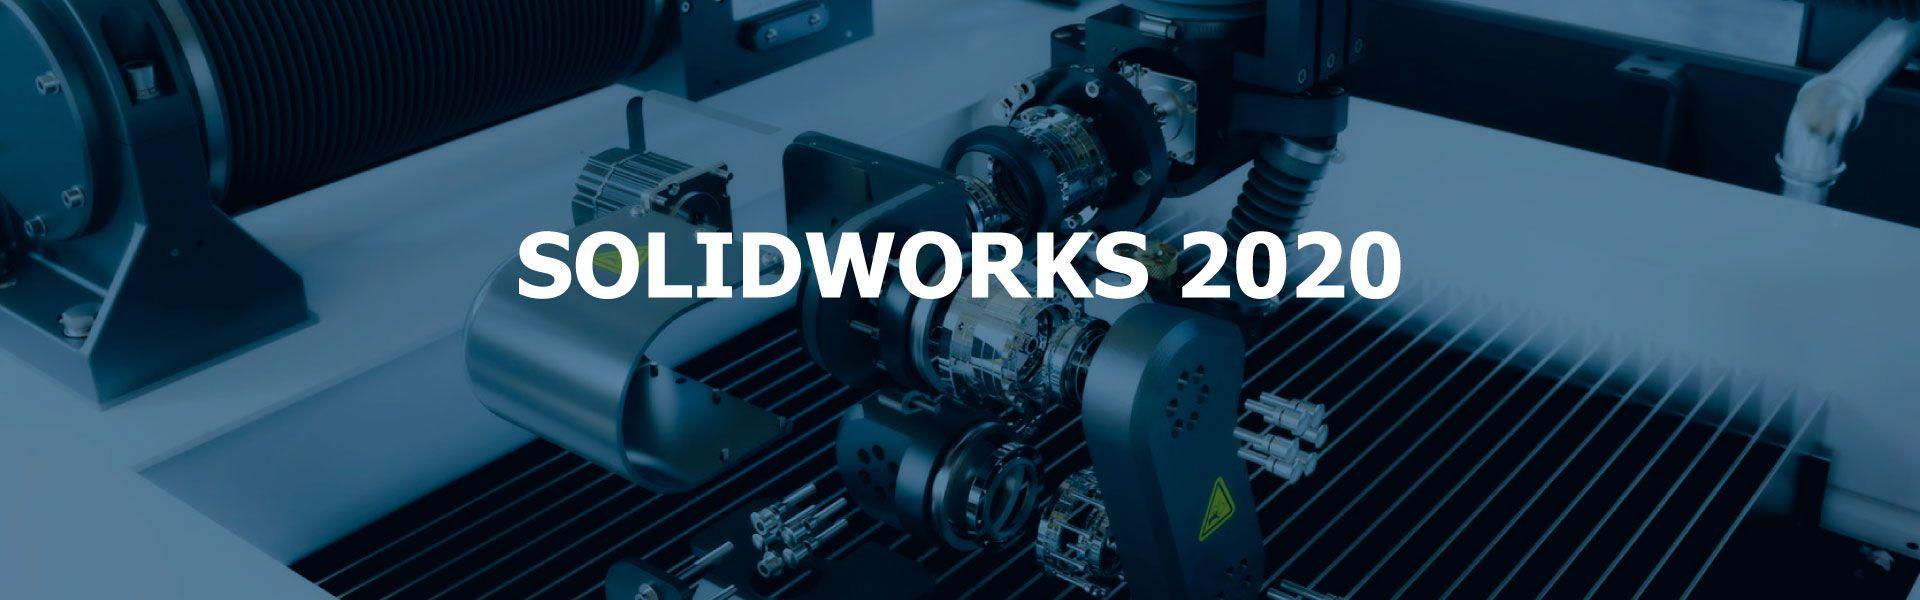 SolidWorks 2020 Revelado